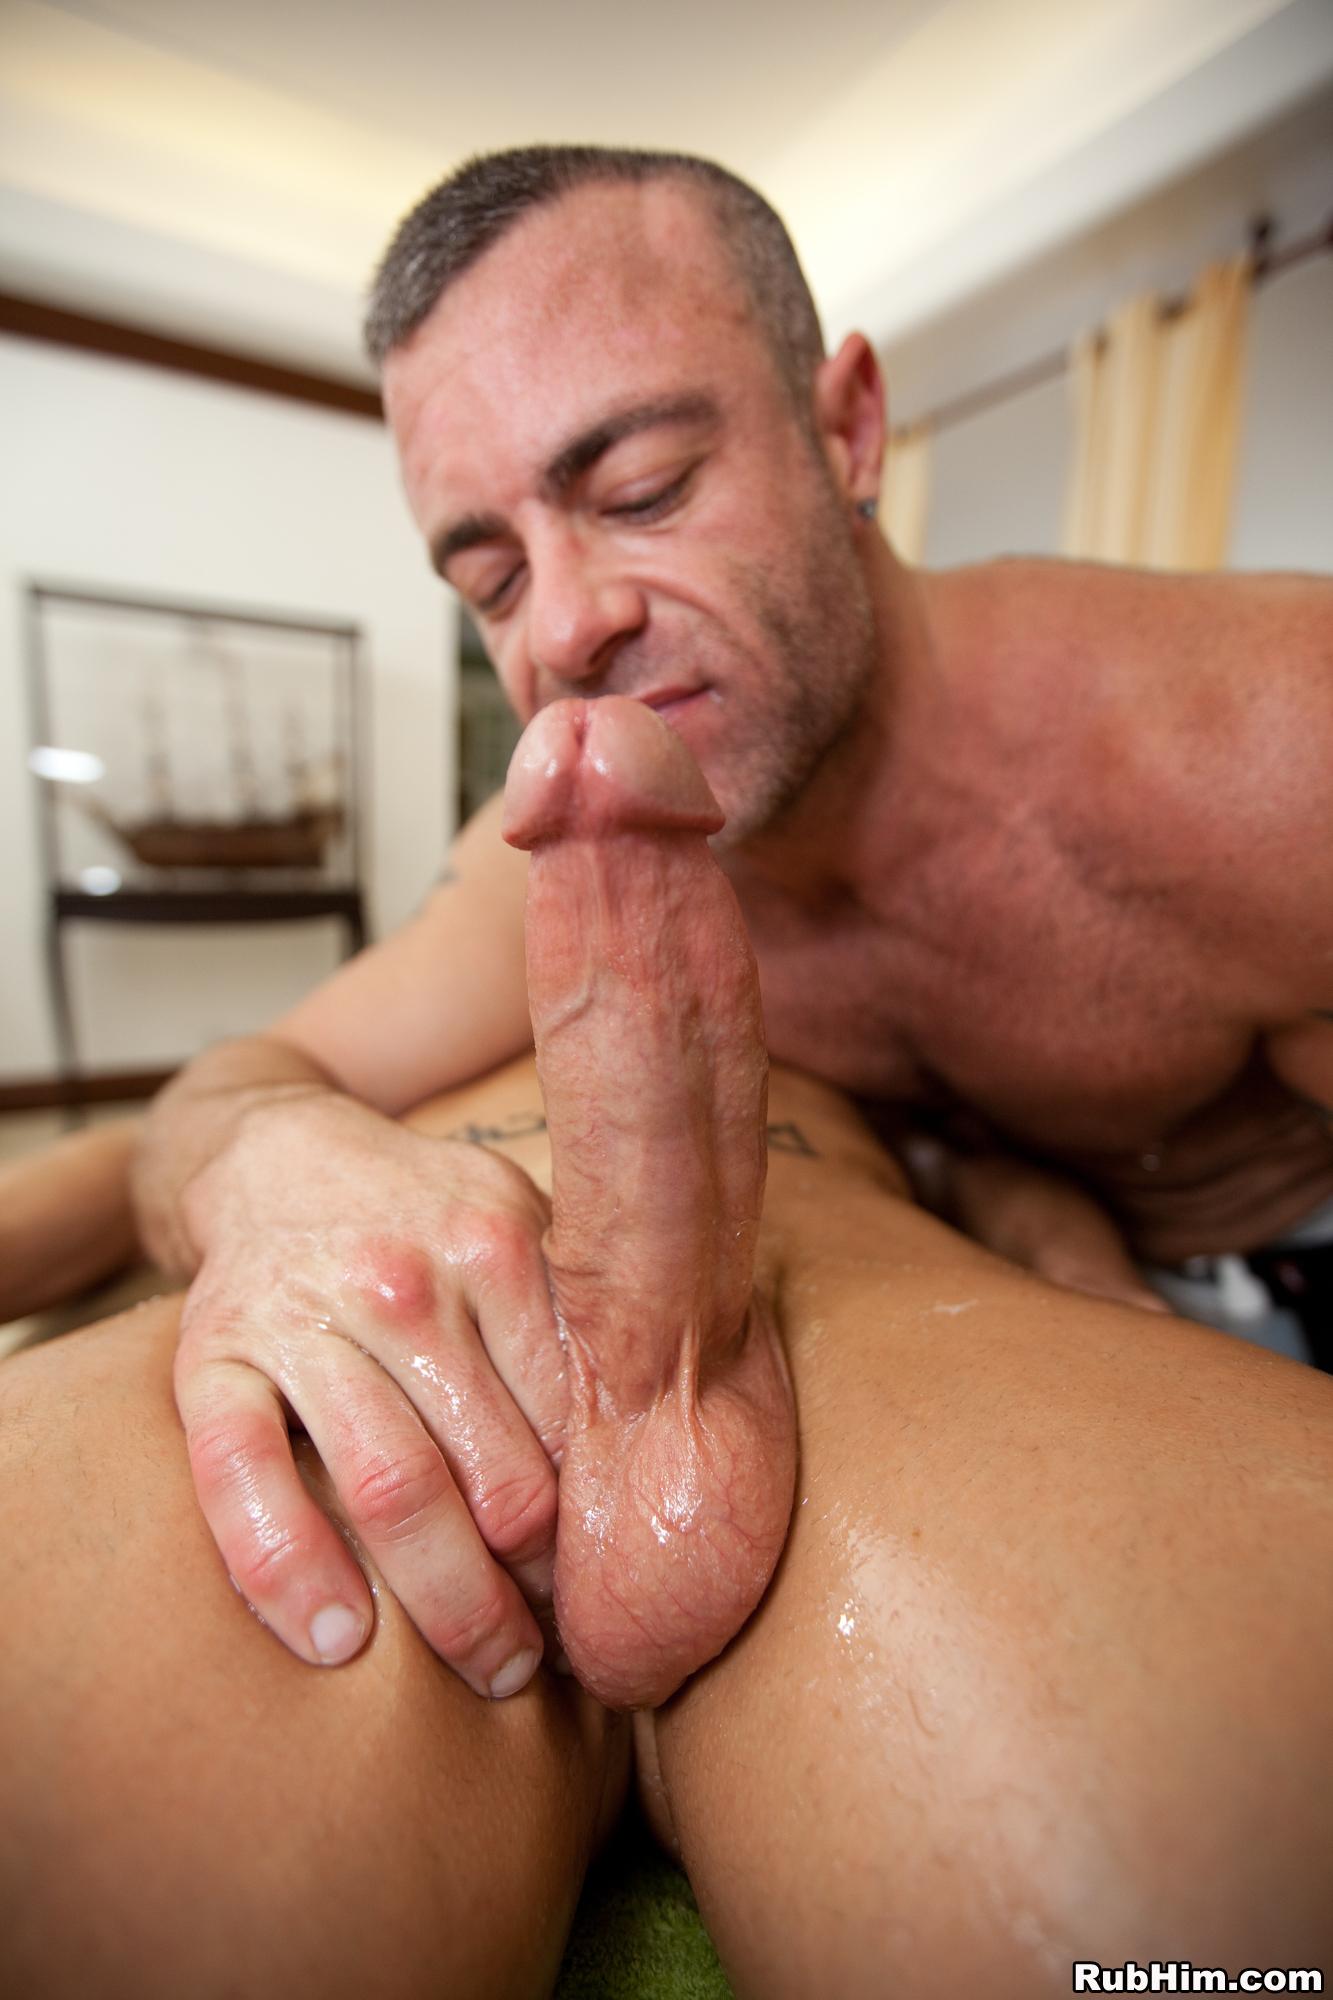 Hook up with hot gay men at bastioni in novara